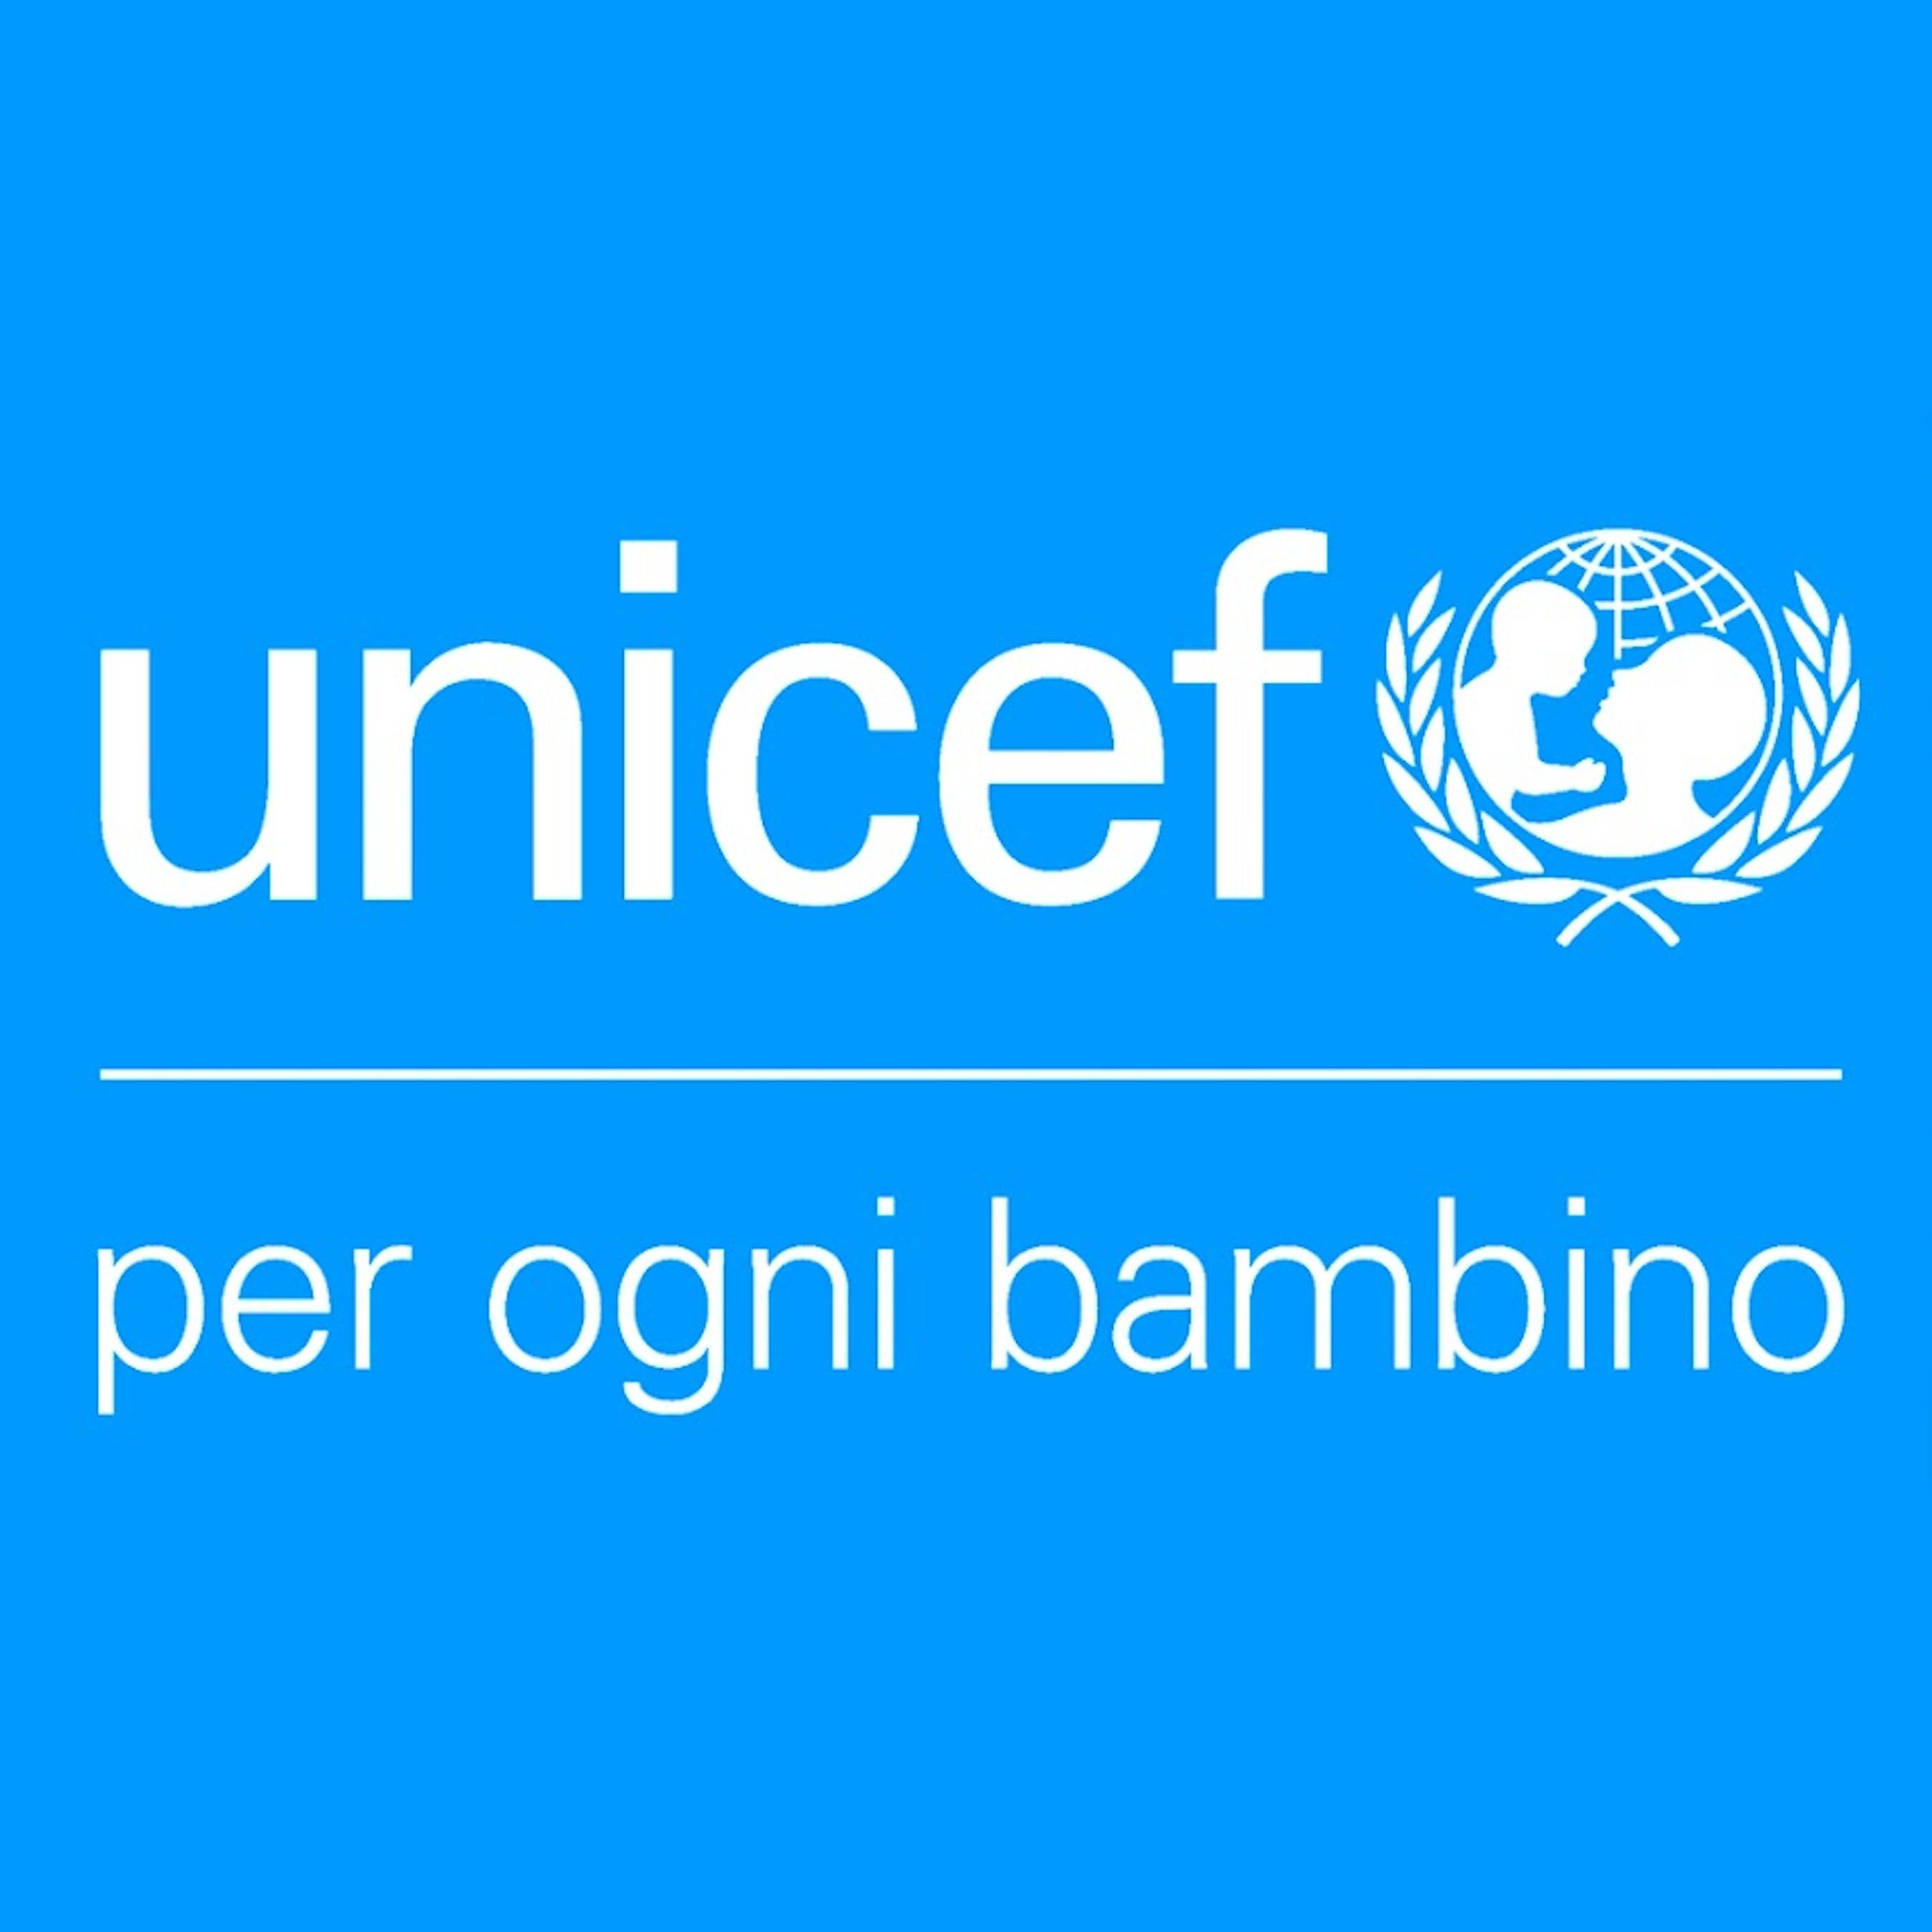 UNICEF Italia e Unione Provincie d'Italia (UPI) firmano un protocollo di intesa